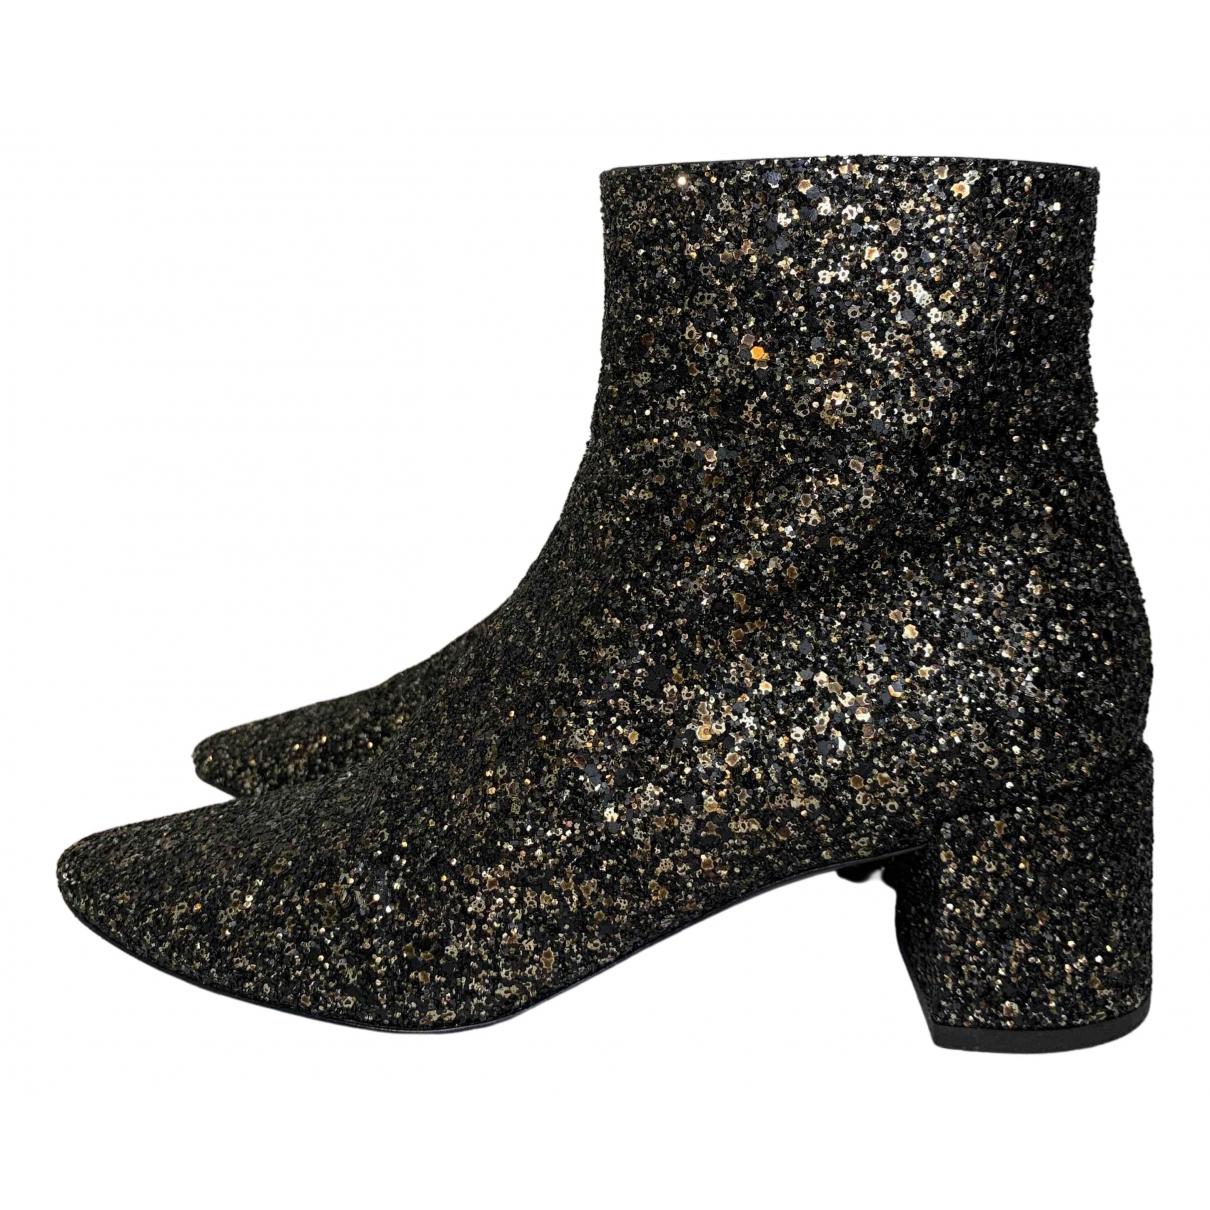 Saint Laurent Loulou Black Glitter Ankle boots for Women 36 EU